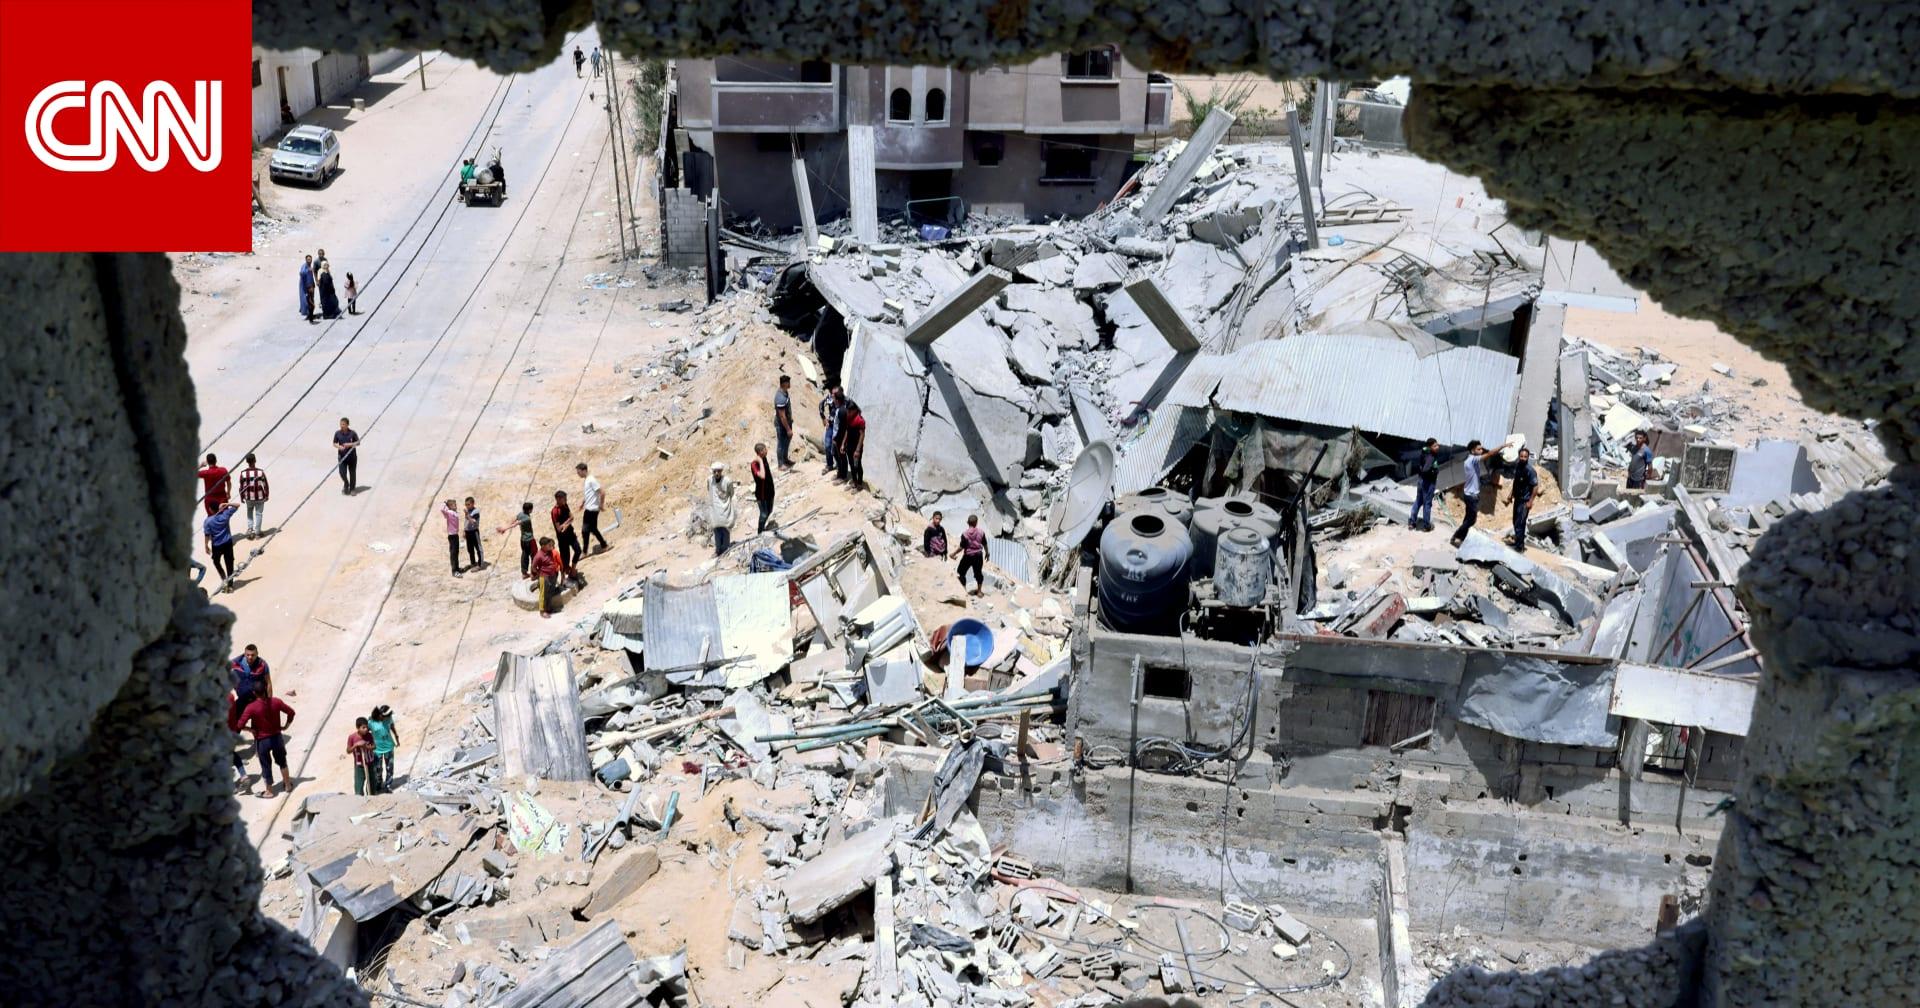 أكثر من 50 مليون دولار حجم الأضرار الاقتصادية في غزة نتيجة الغارات الإسرائيلية